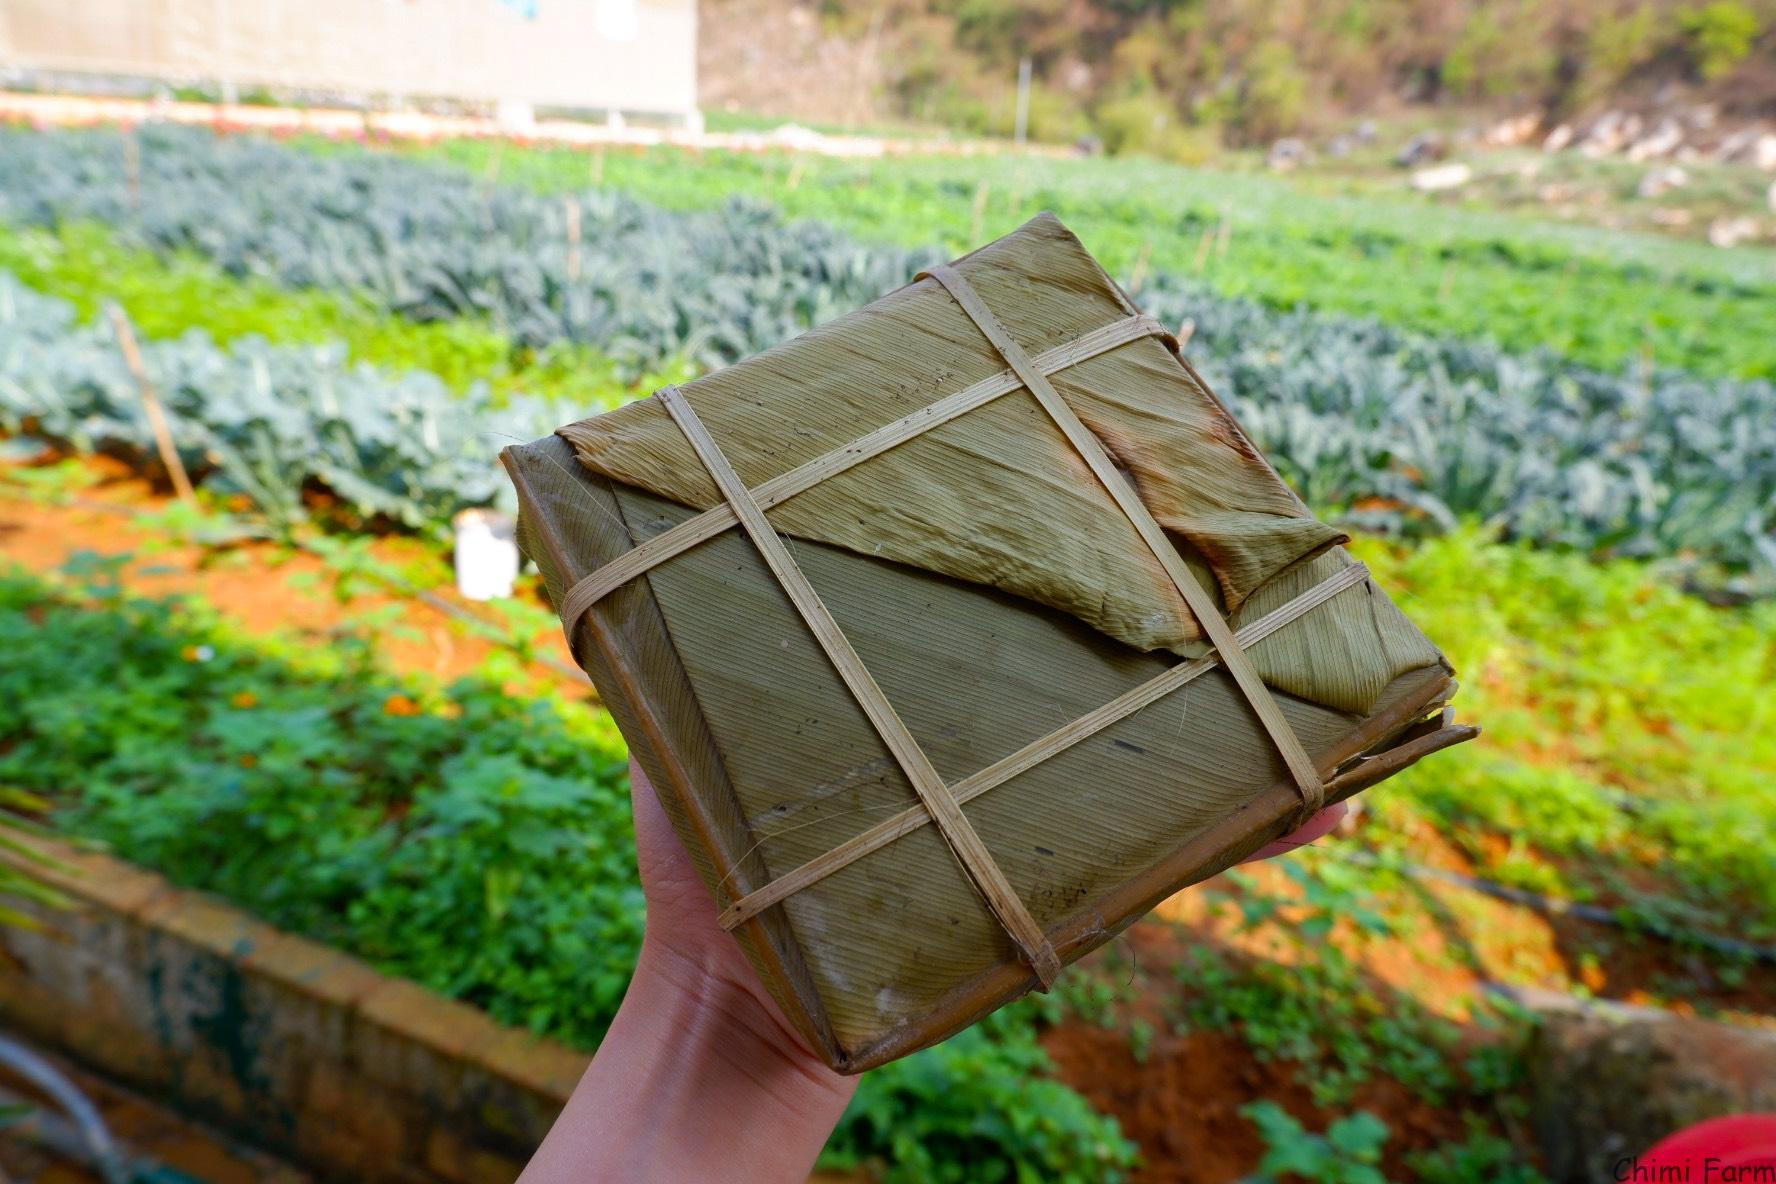 Bánh chưng tự tay lãnh đạo và nhân viên Chimi Farm gói tặng nhau